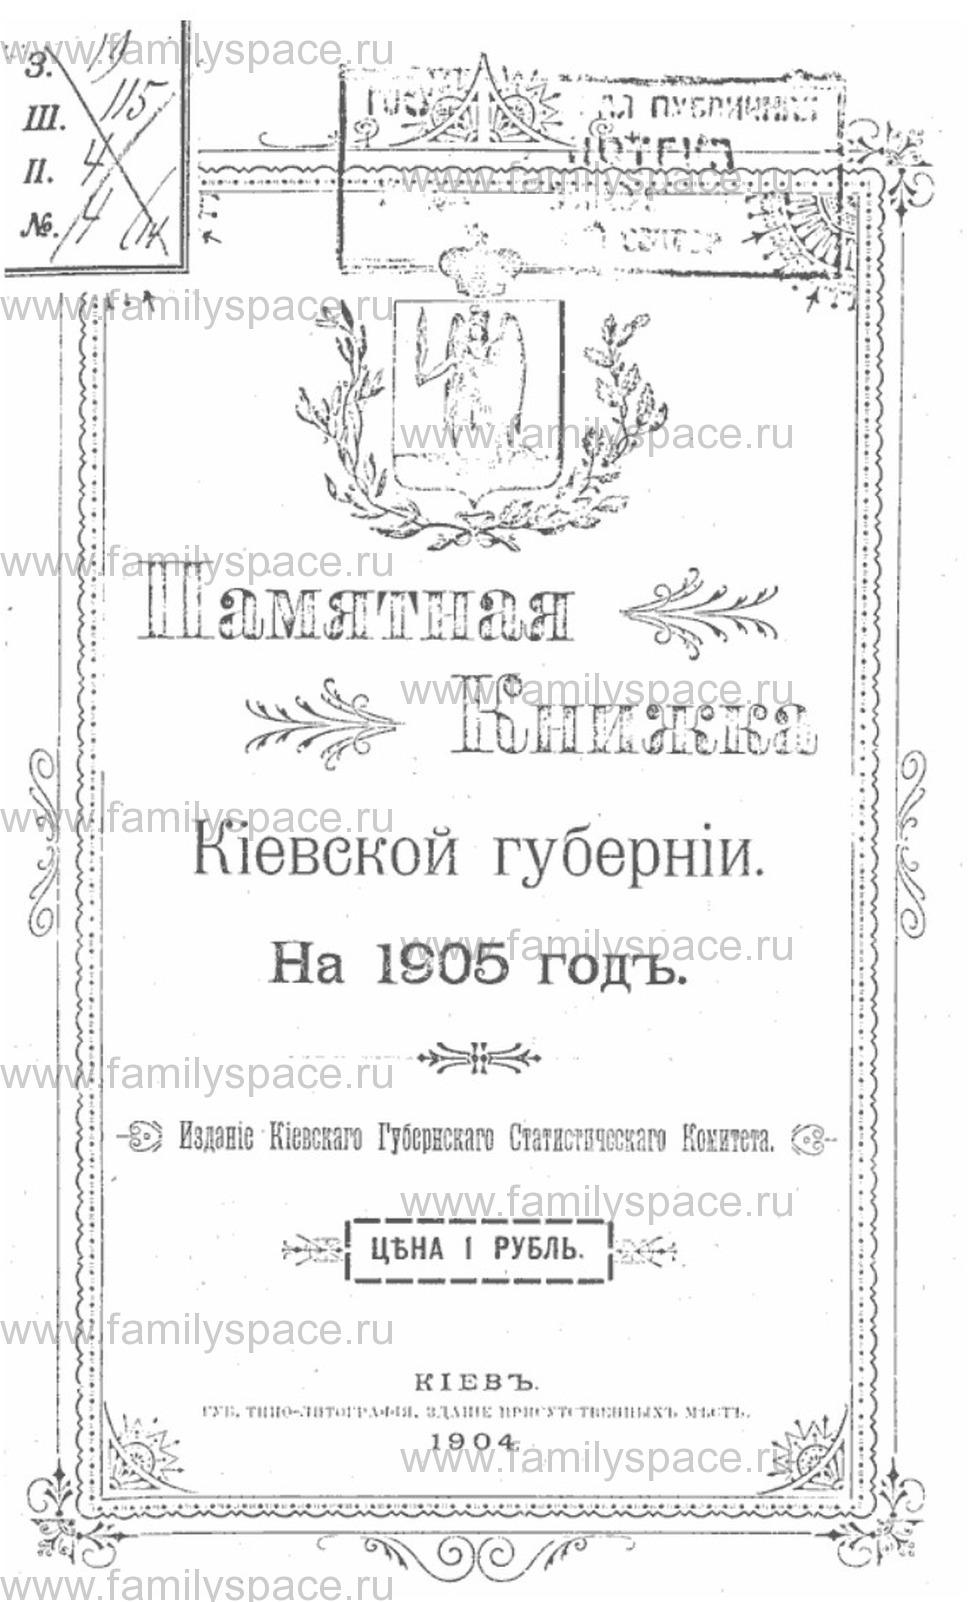 Поиск по фамилии - Памятная книжка Киевской губернии на 1905 год, страница 3